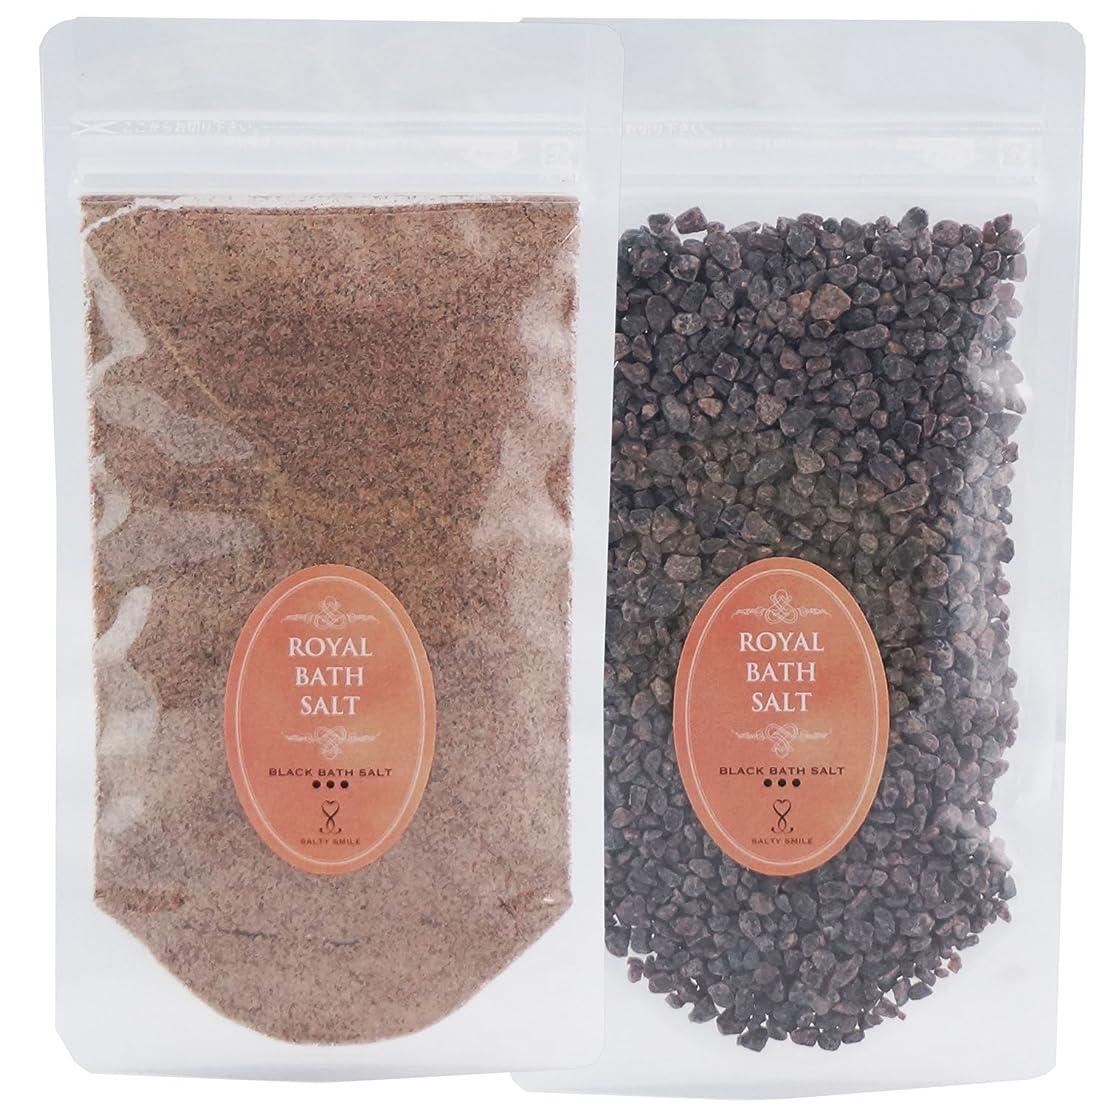 ドラマ山多用途ロイヤル バスソルト ヒマラヤ岩塩 ブラック パウダー グレイン 各200g 粗粒 粉 ROYAL BATH SALT